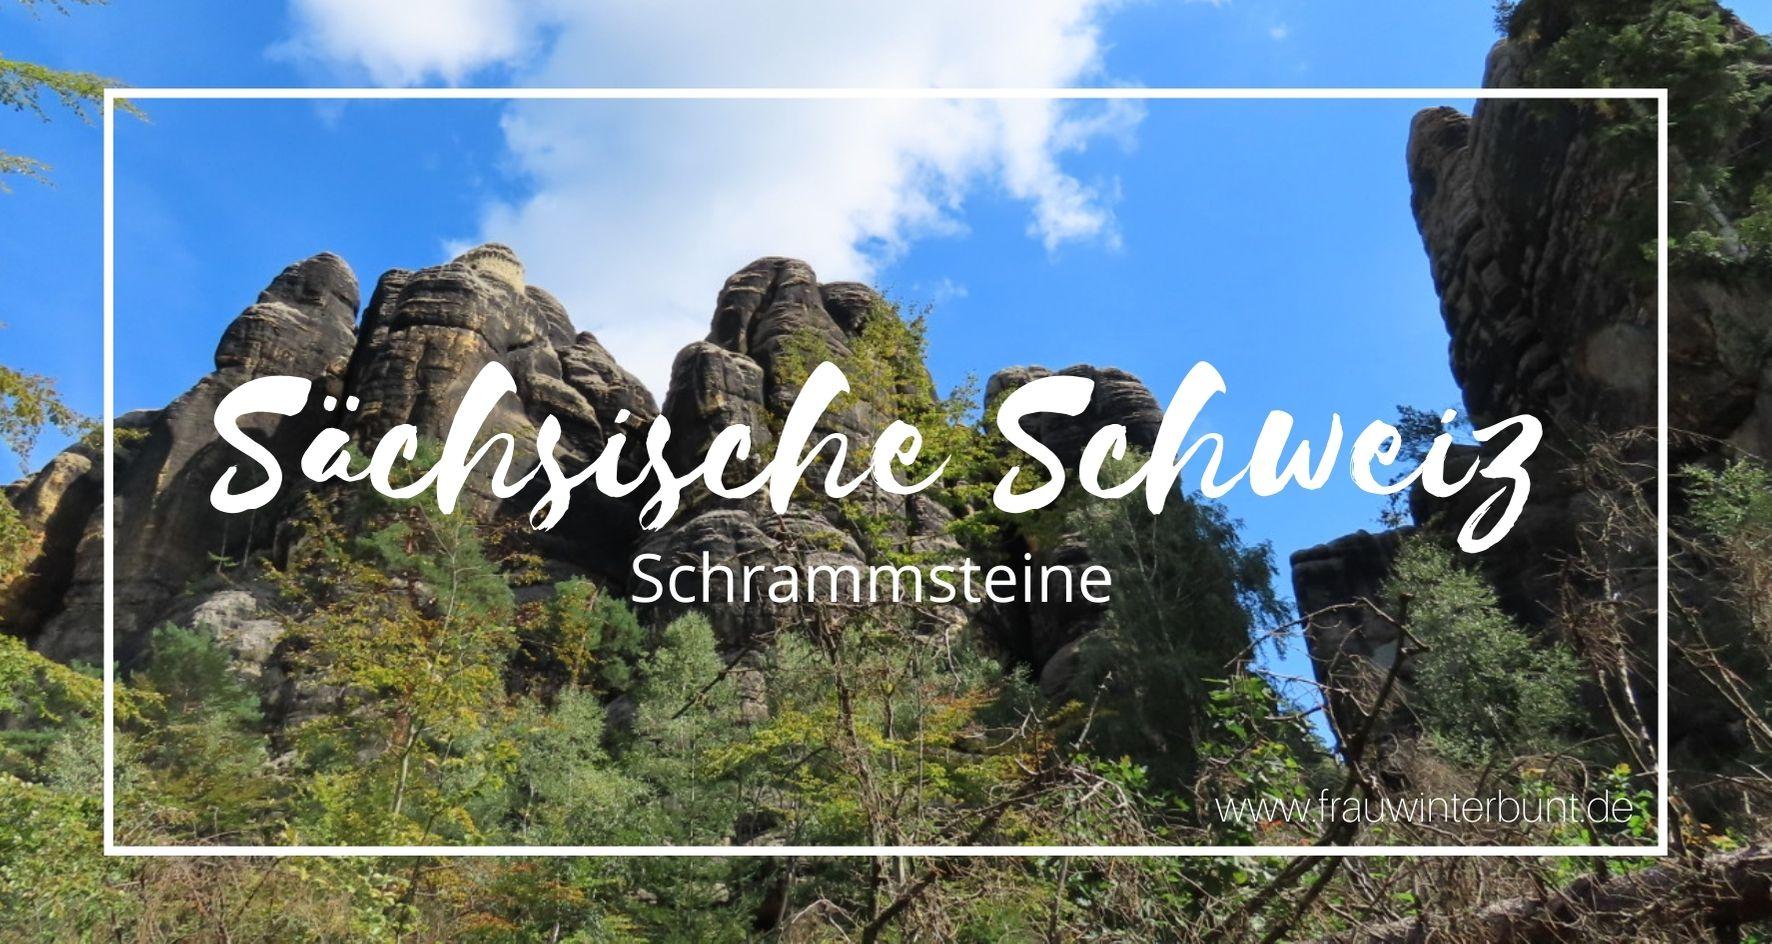 Schrammsteine Sächsische Schweiz